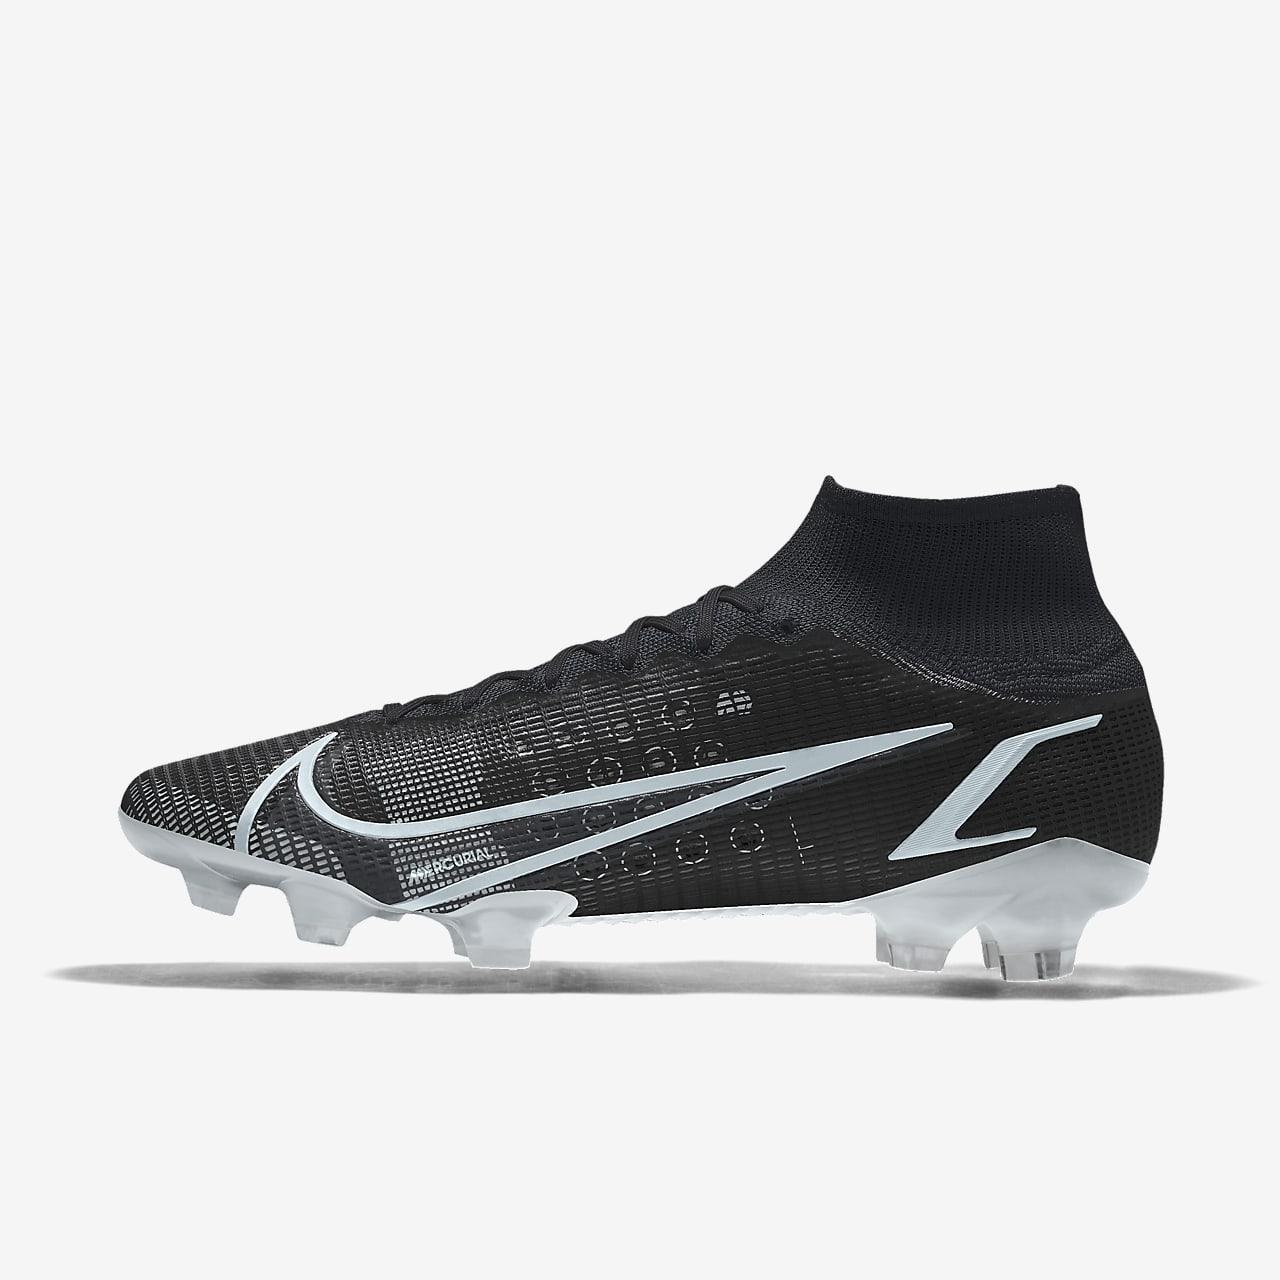 Nike Mercurial Superfly 8 Elite By You 專屬訂製足球釘鞋